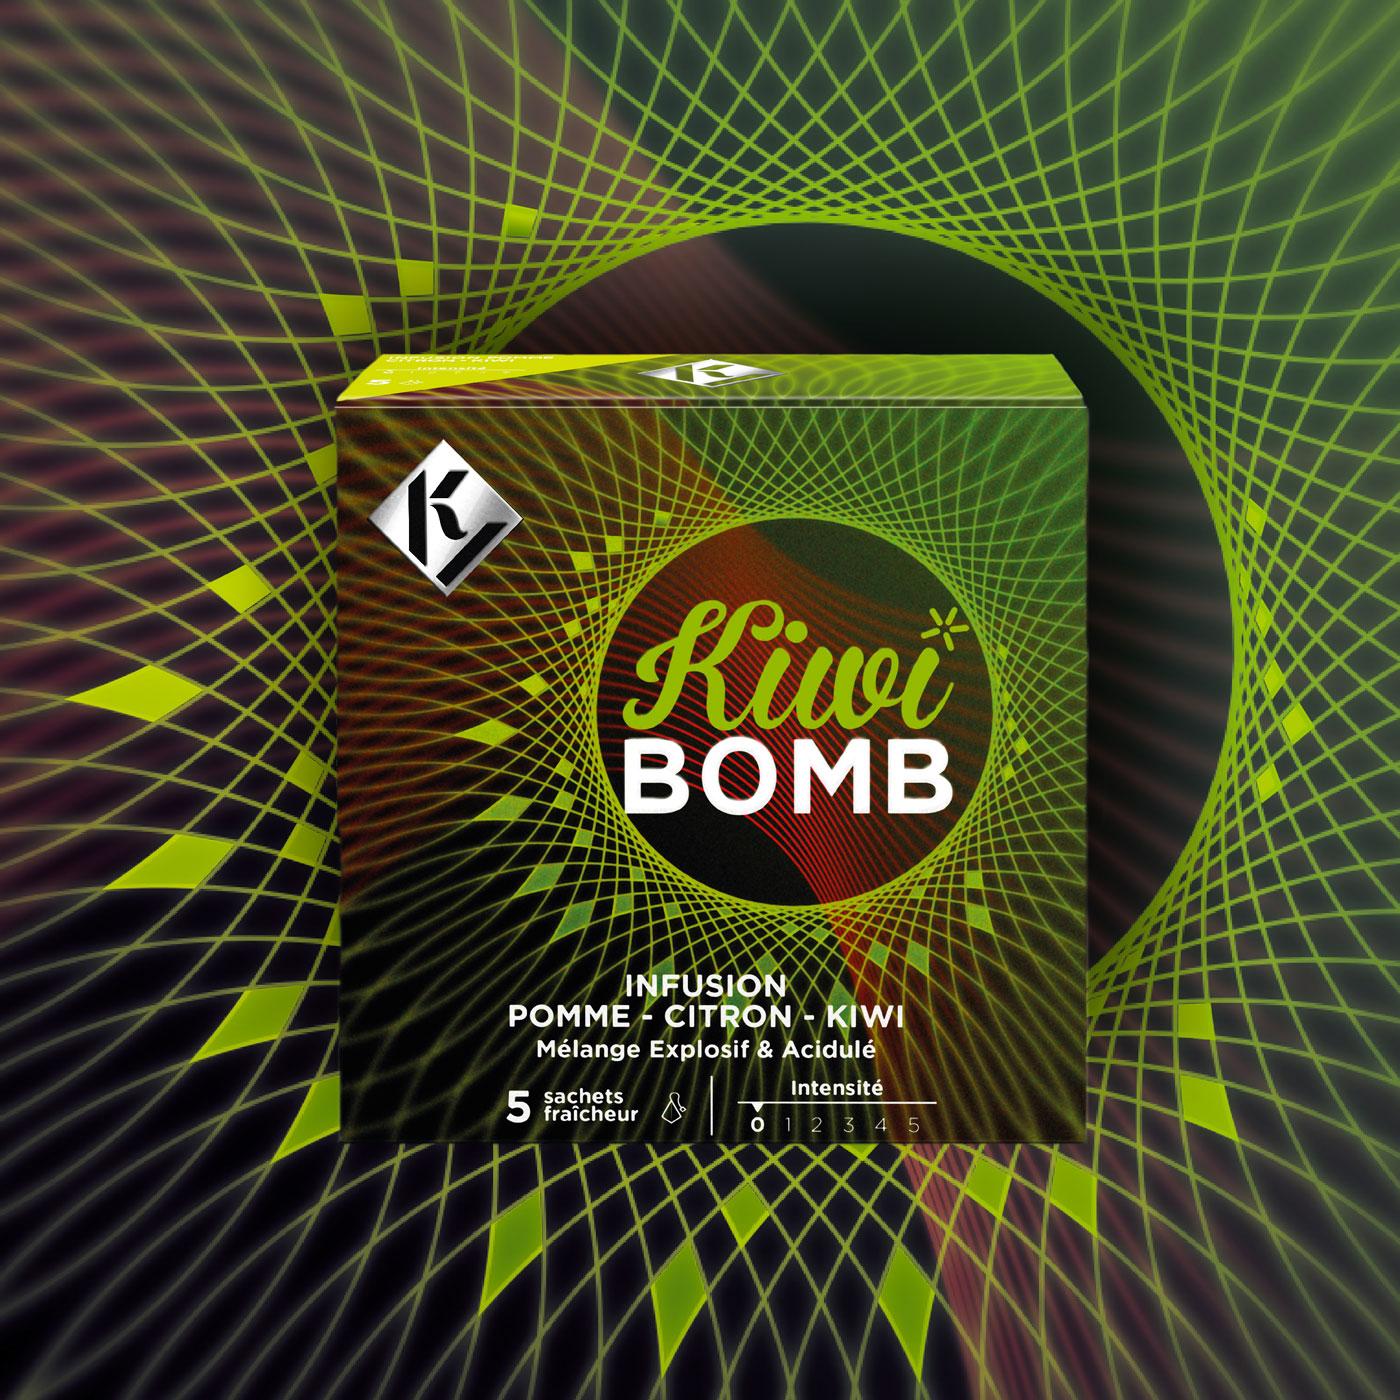 KY Tea - Kiwi BOMB - Un design pensé par l'agence de design de Paris Partisan du Sens.